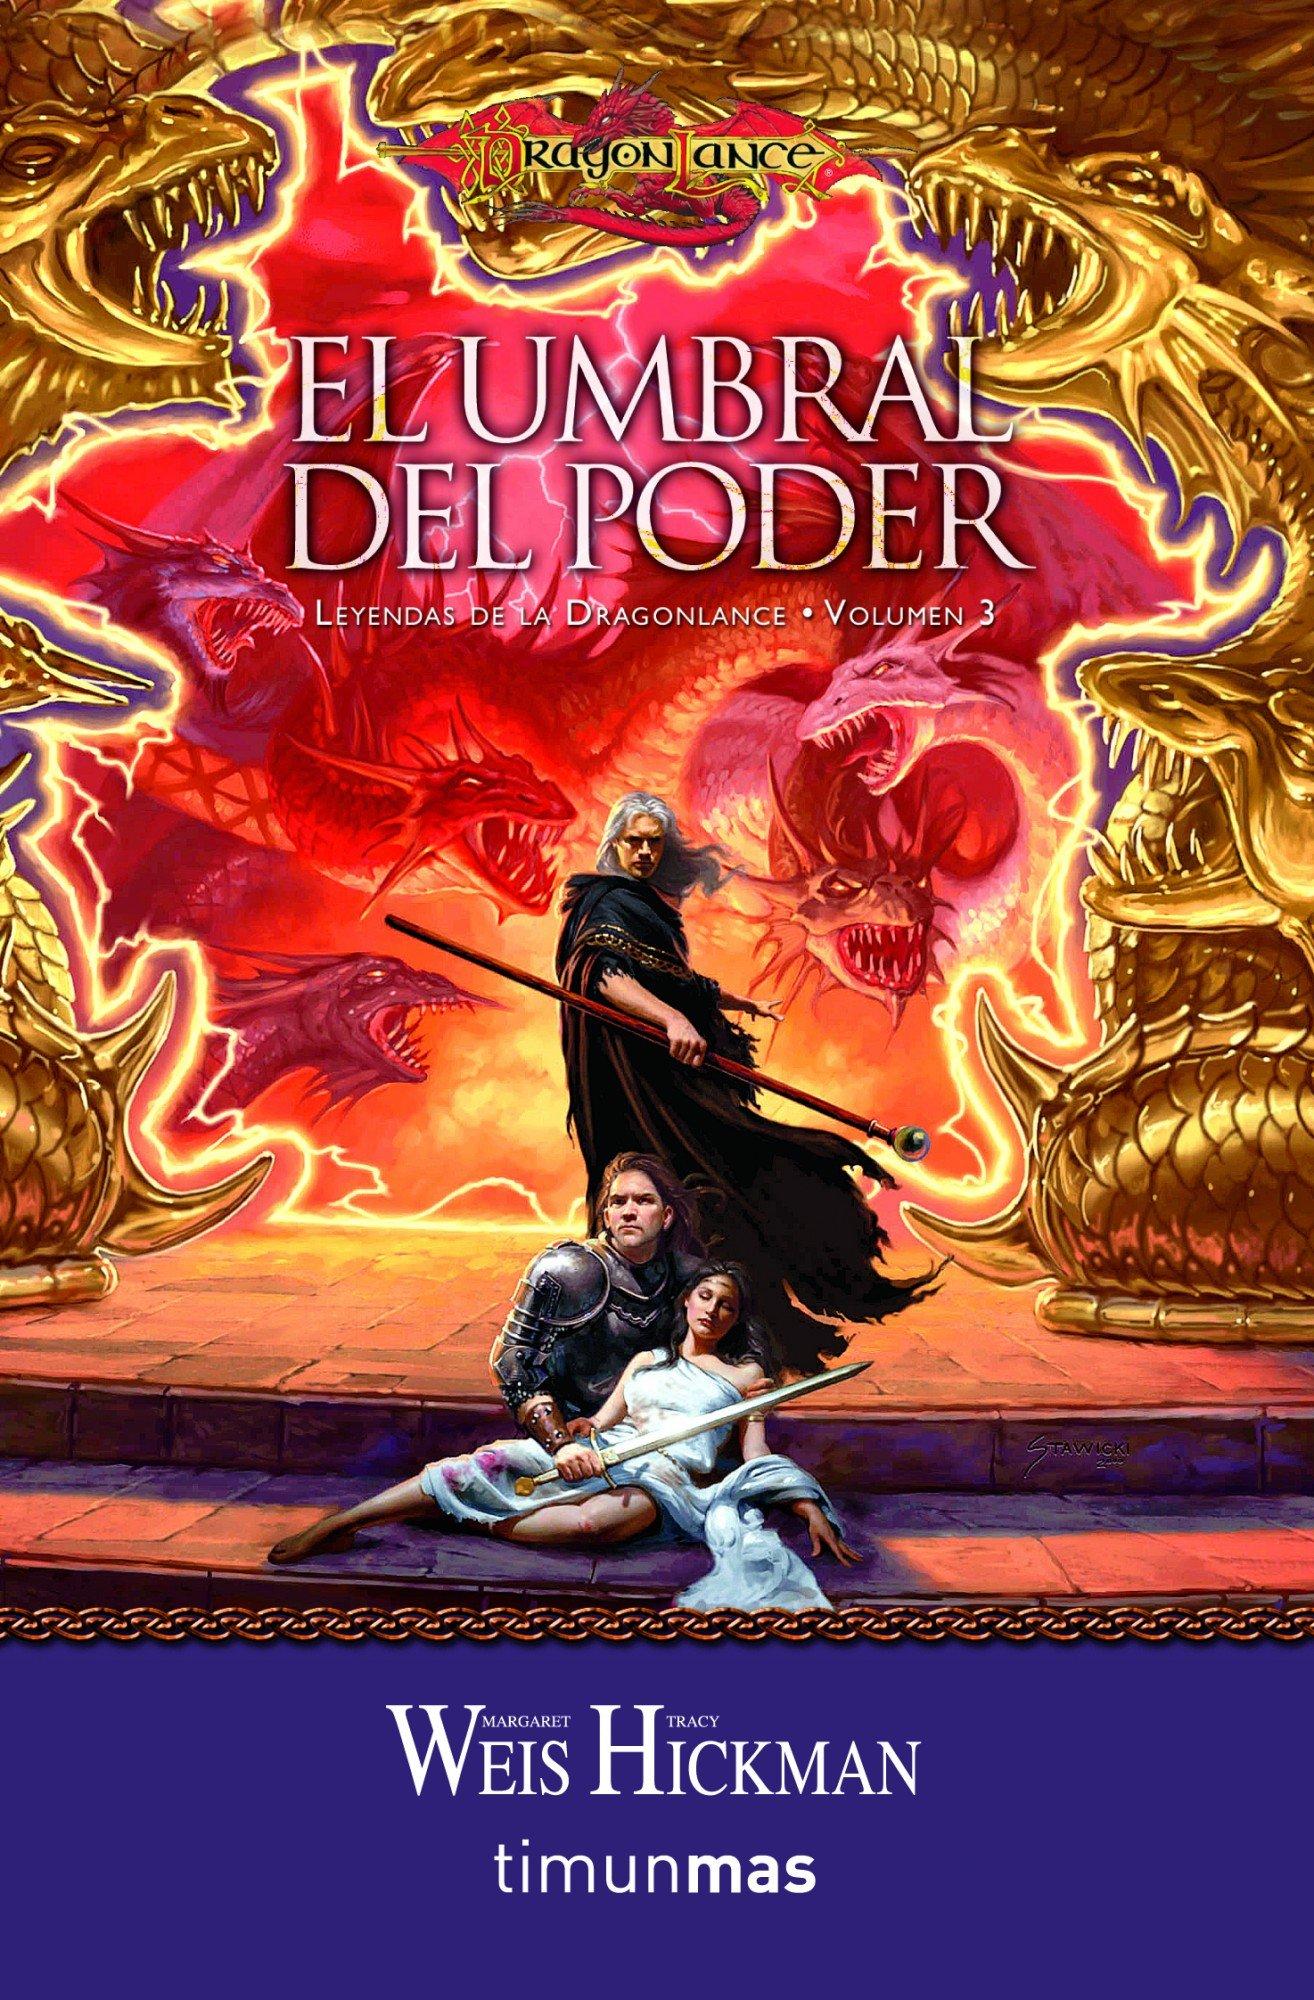 El umbral del poder leyendas de la drangonlance volumen 3 leyendas de la